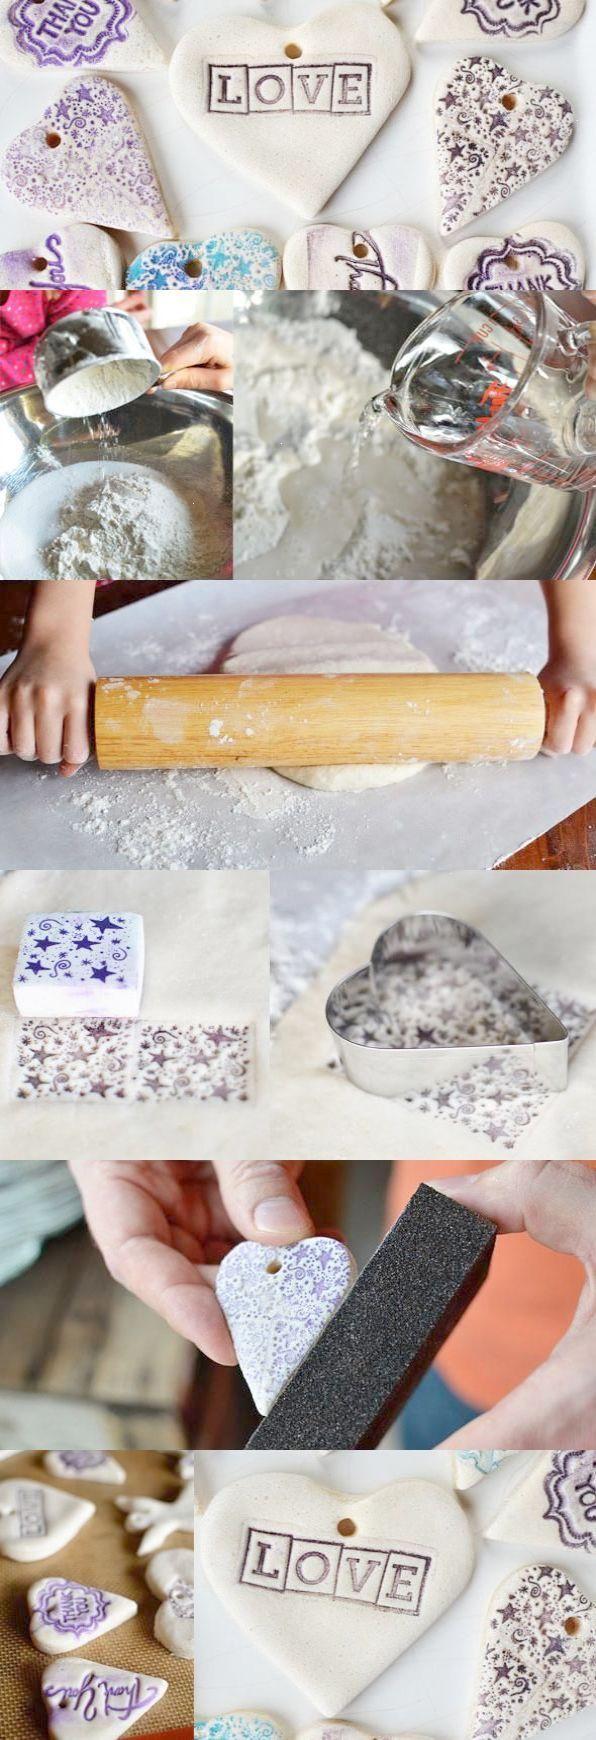 DIY Wedding Favors: Salt Dough Tags | favors | Pinterest | Favors ...